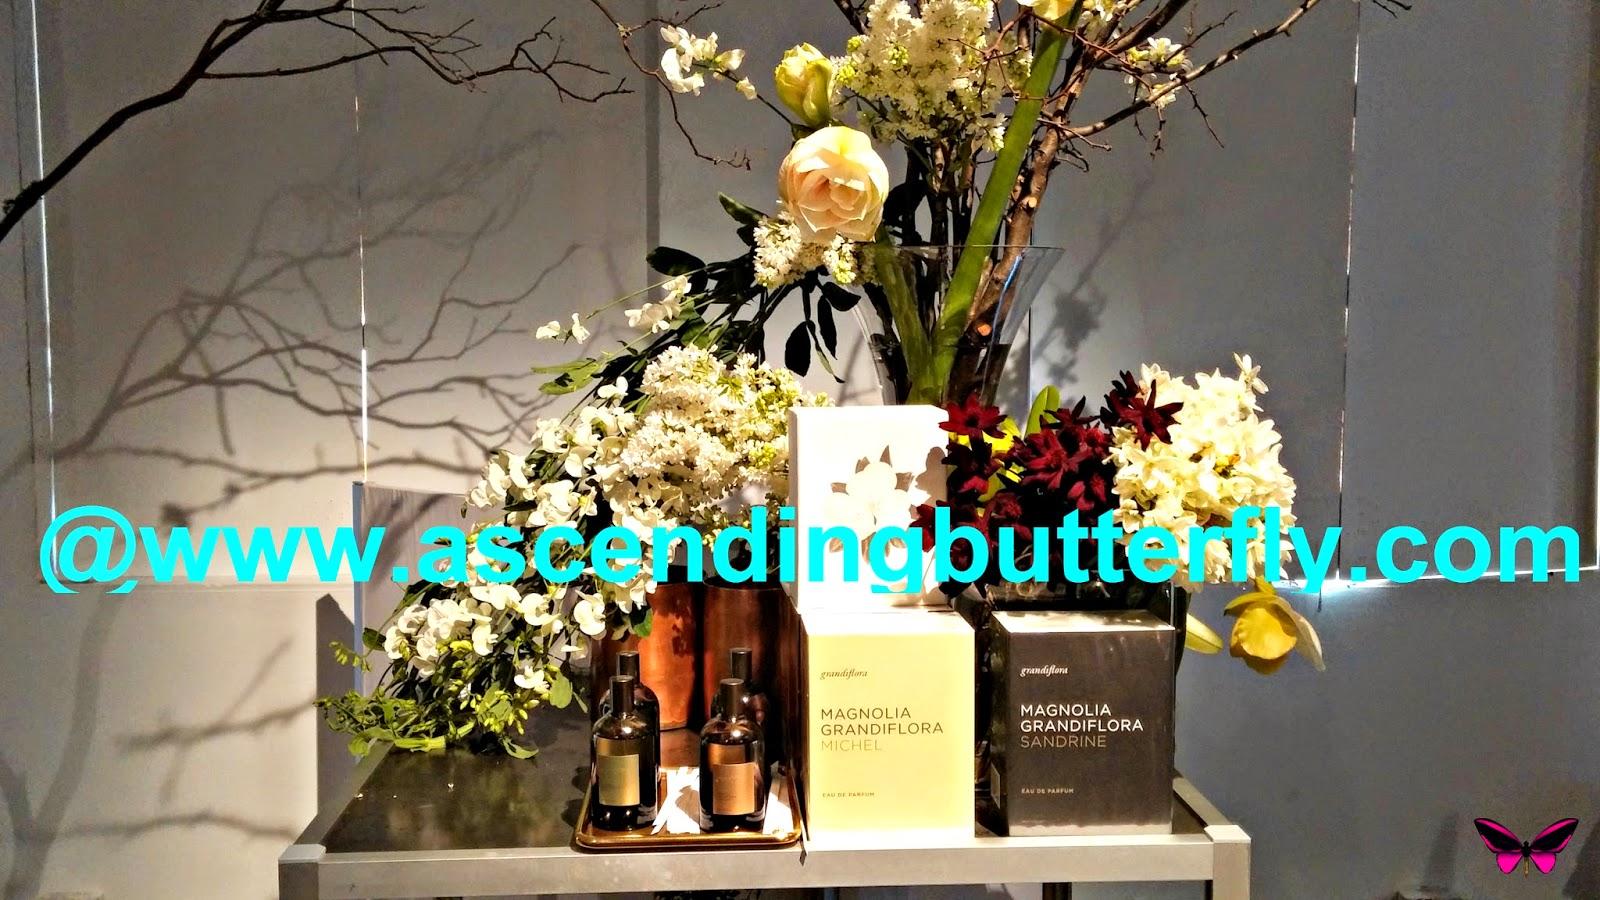 Grandiflora, Magnolia Grandiflora Sandrine, Magnolia Grandiflora Sandrine, Magnolia Flower, Grandiflora, Fragrances, Scents, Perfumes